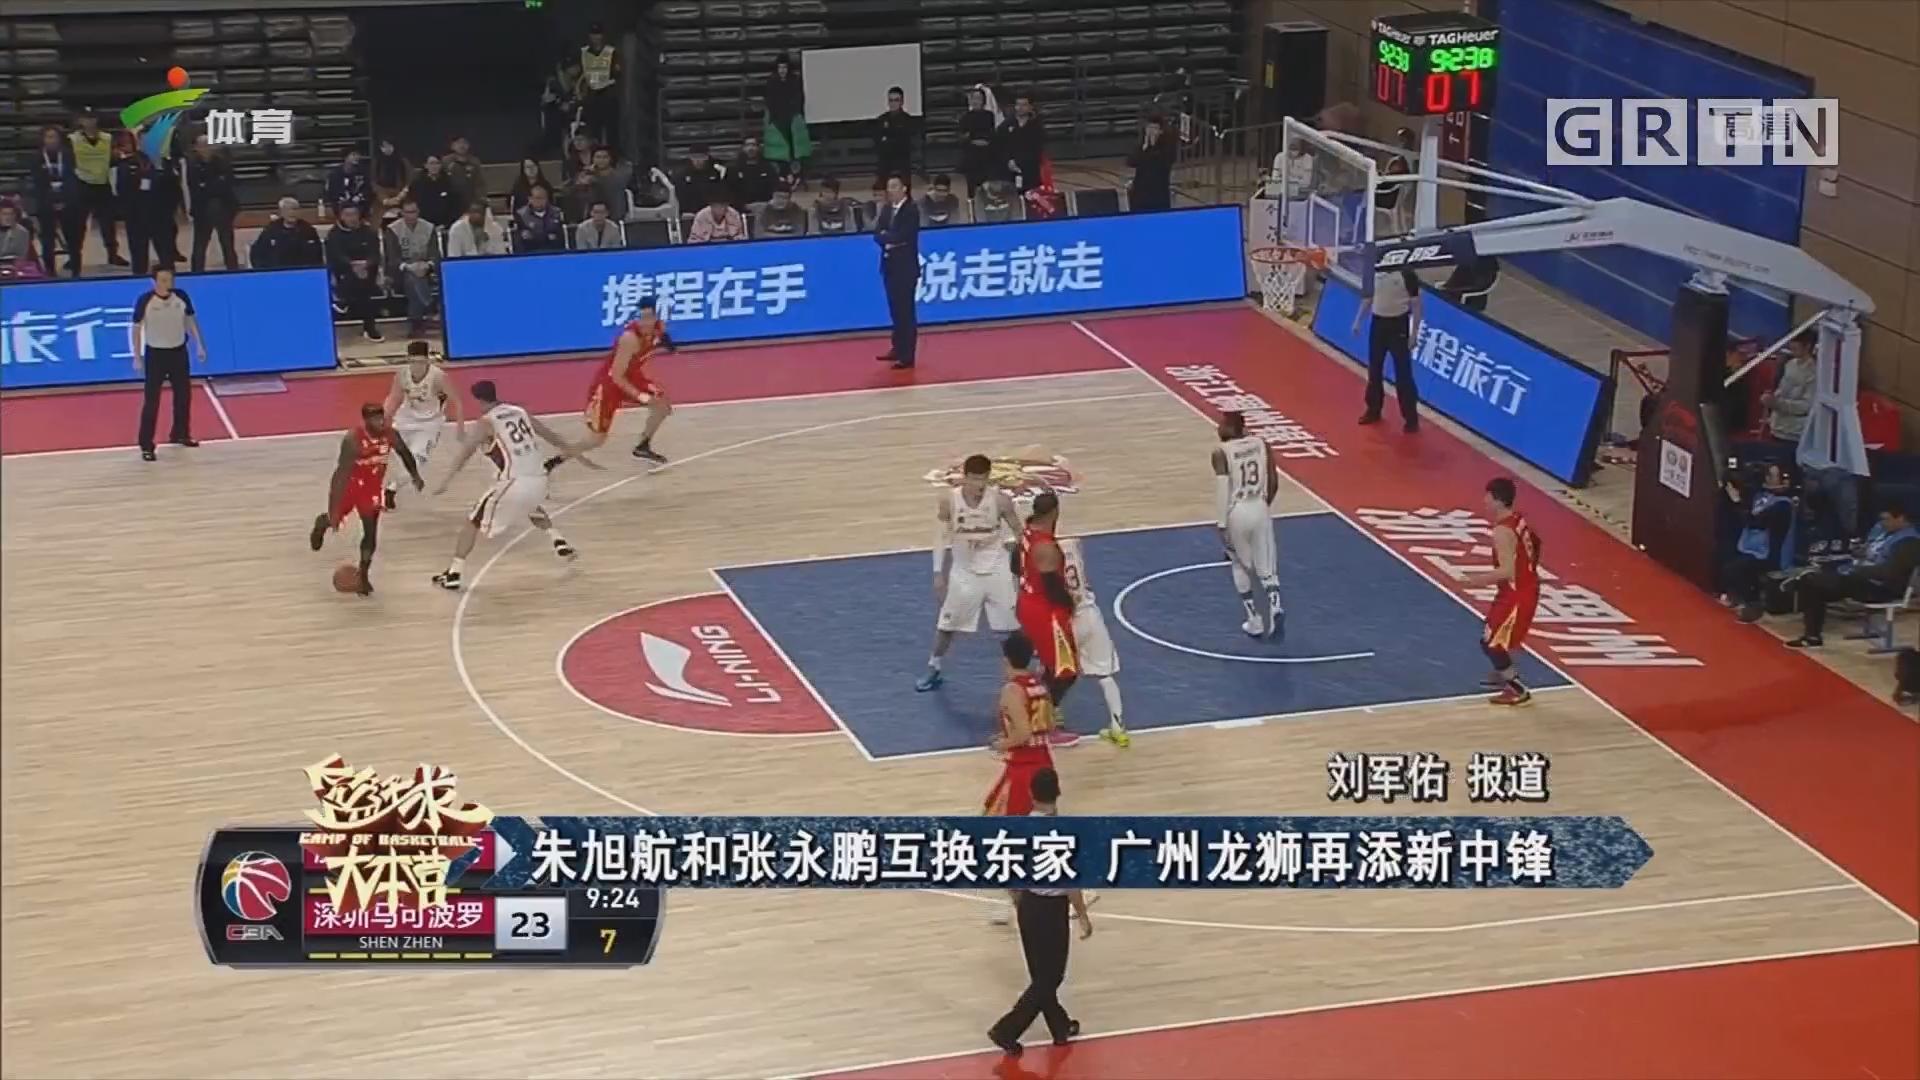 朱旭航和张永鹏互换东家 广州龙狮再添新中锋